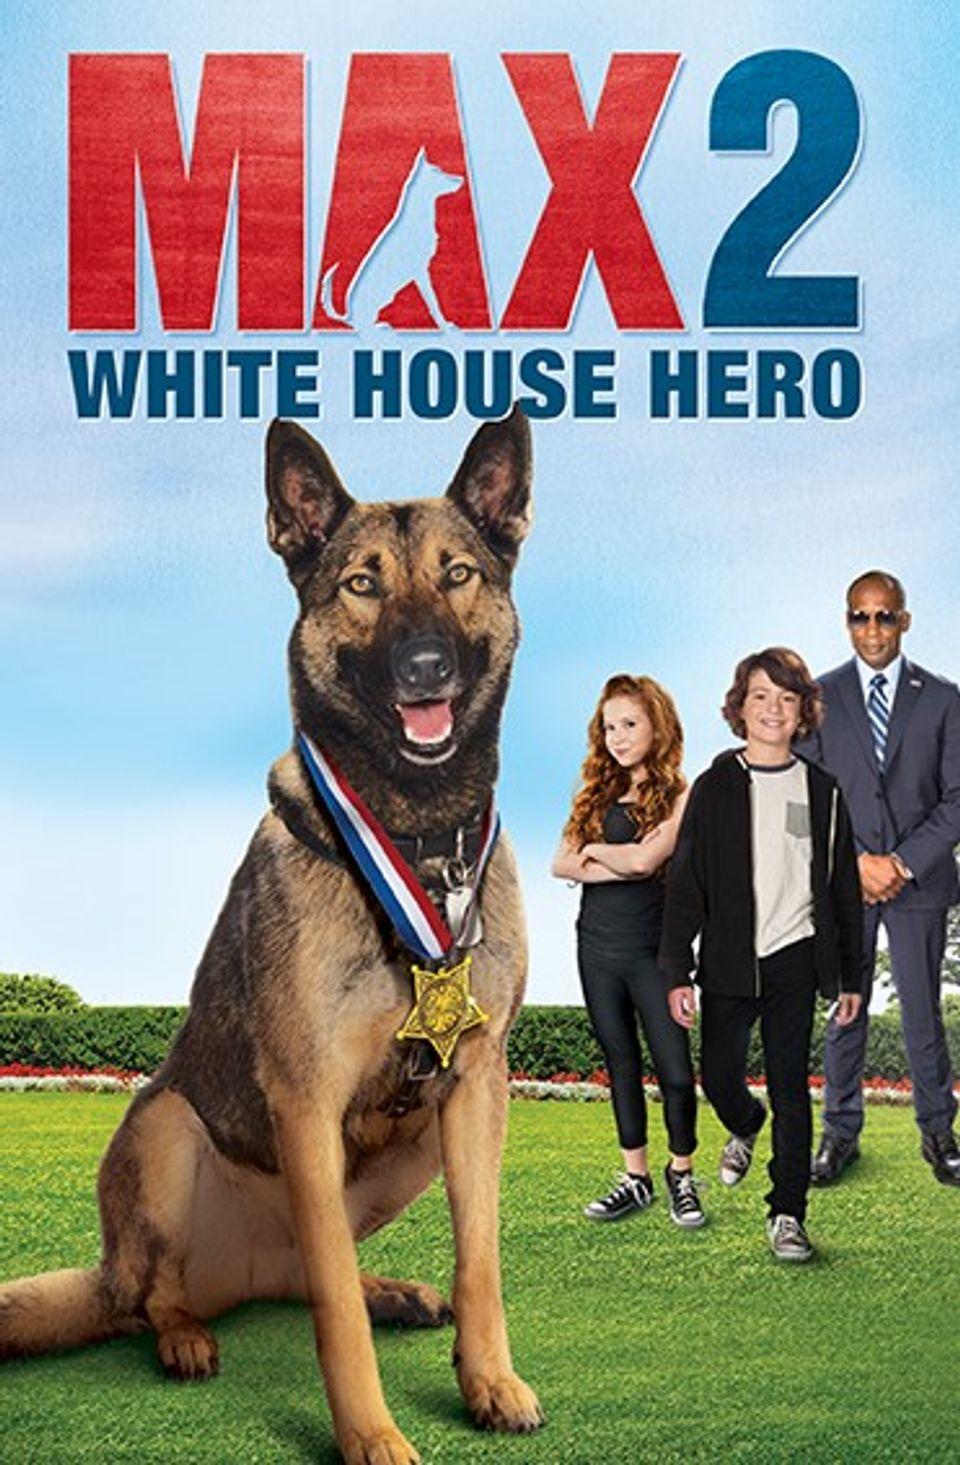 """ภ.ฝรั่ง """"แม็กซ์ 2 เพื่อนรักสี่ขา ฮีโร่แห่งทำเนียบขาว"""" (MAX2 : WHITE HOUSE HERO)"""